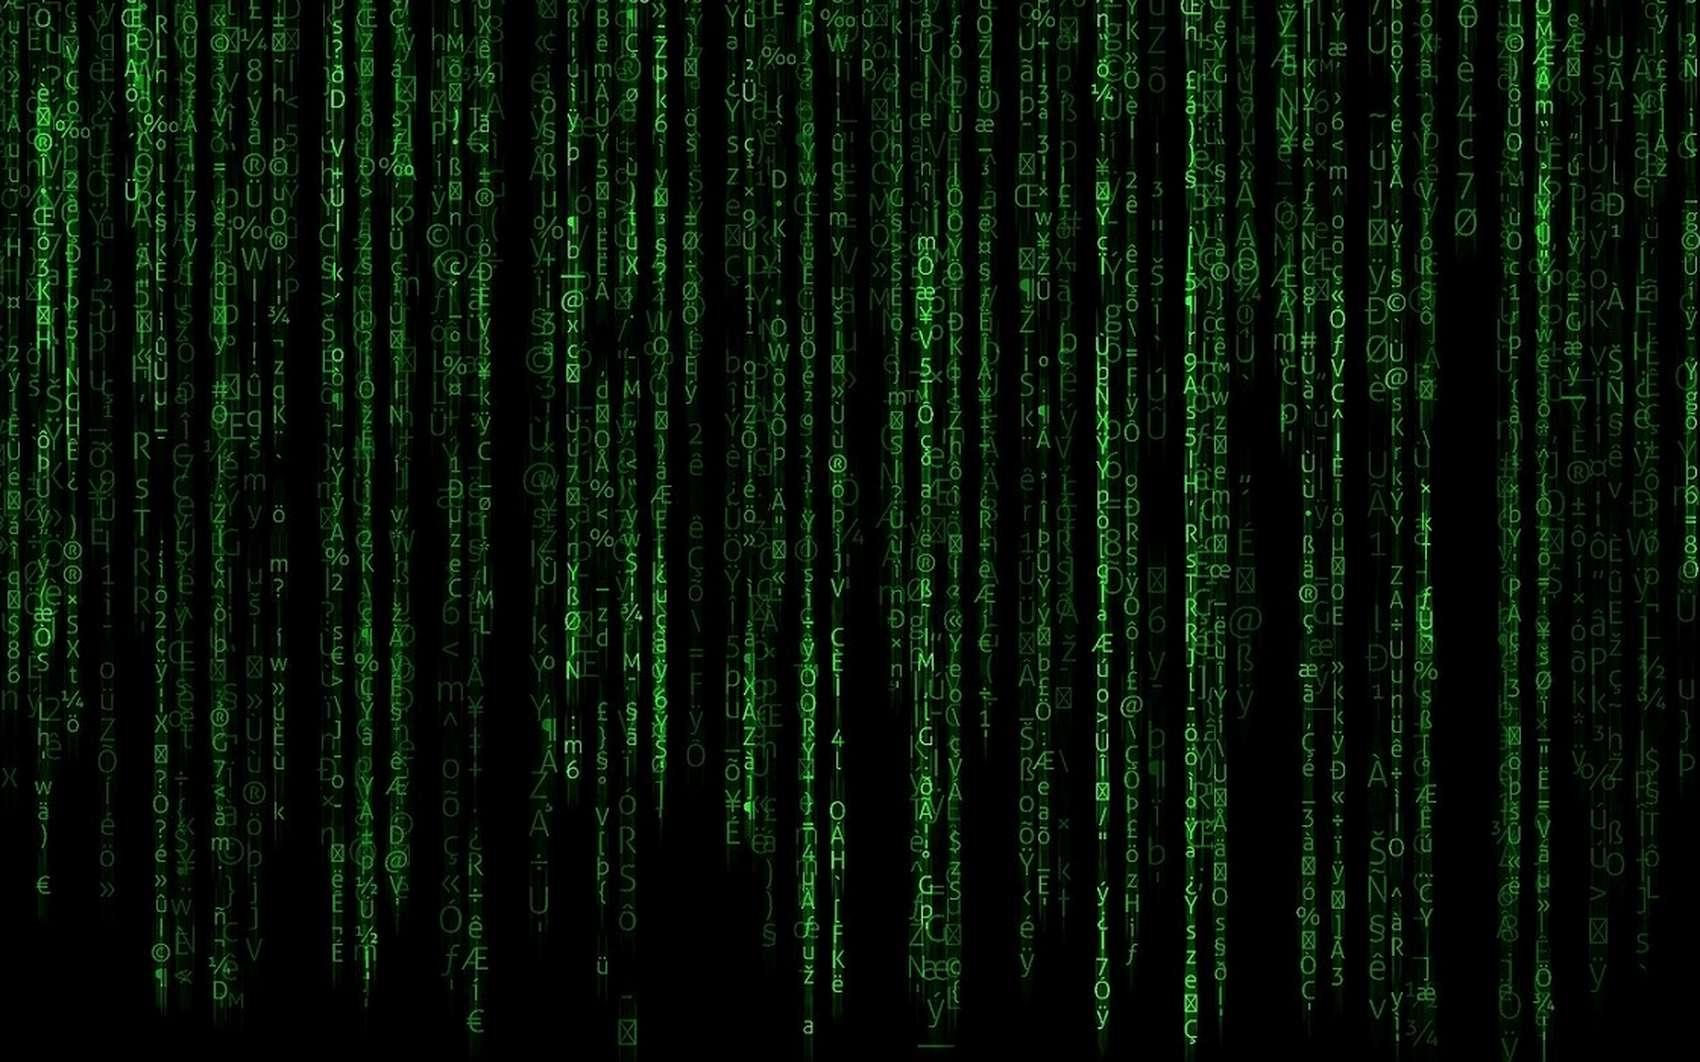 Le code hexadécimal est composé des chiffres de 0 à 9 et des lettres de A à F. © Pixabay.com